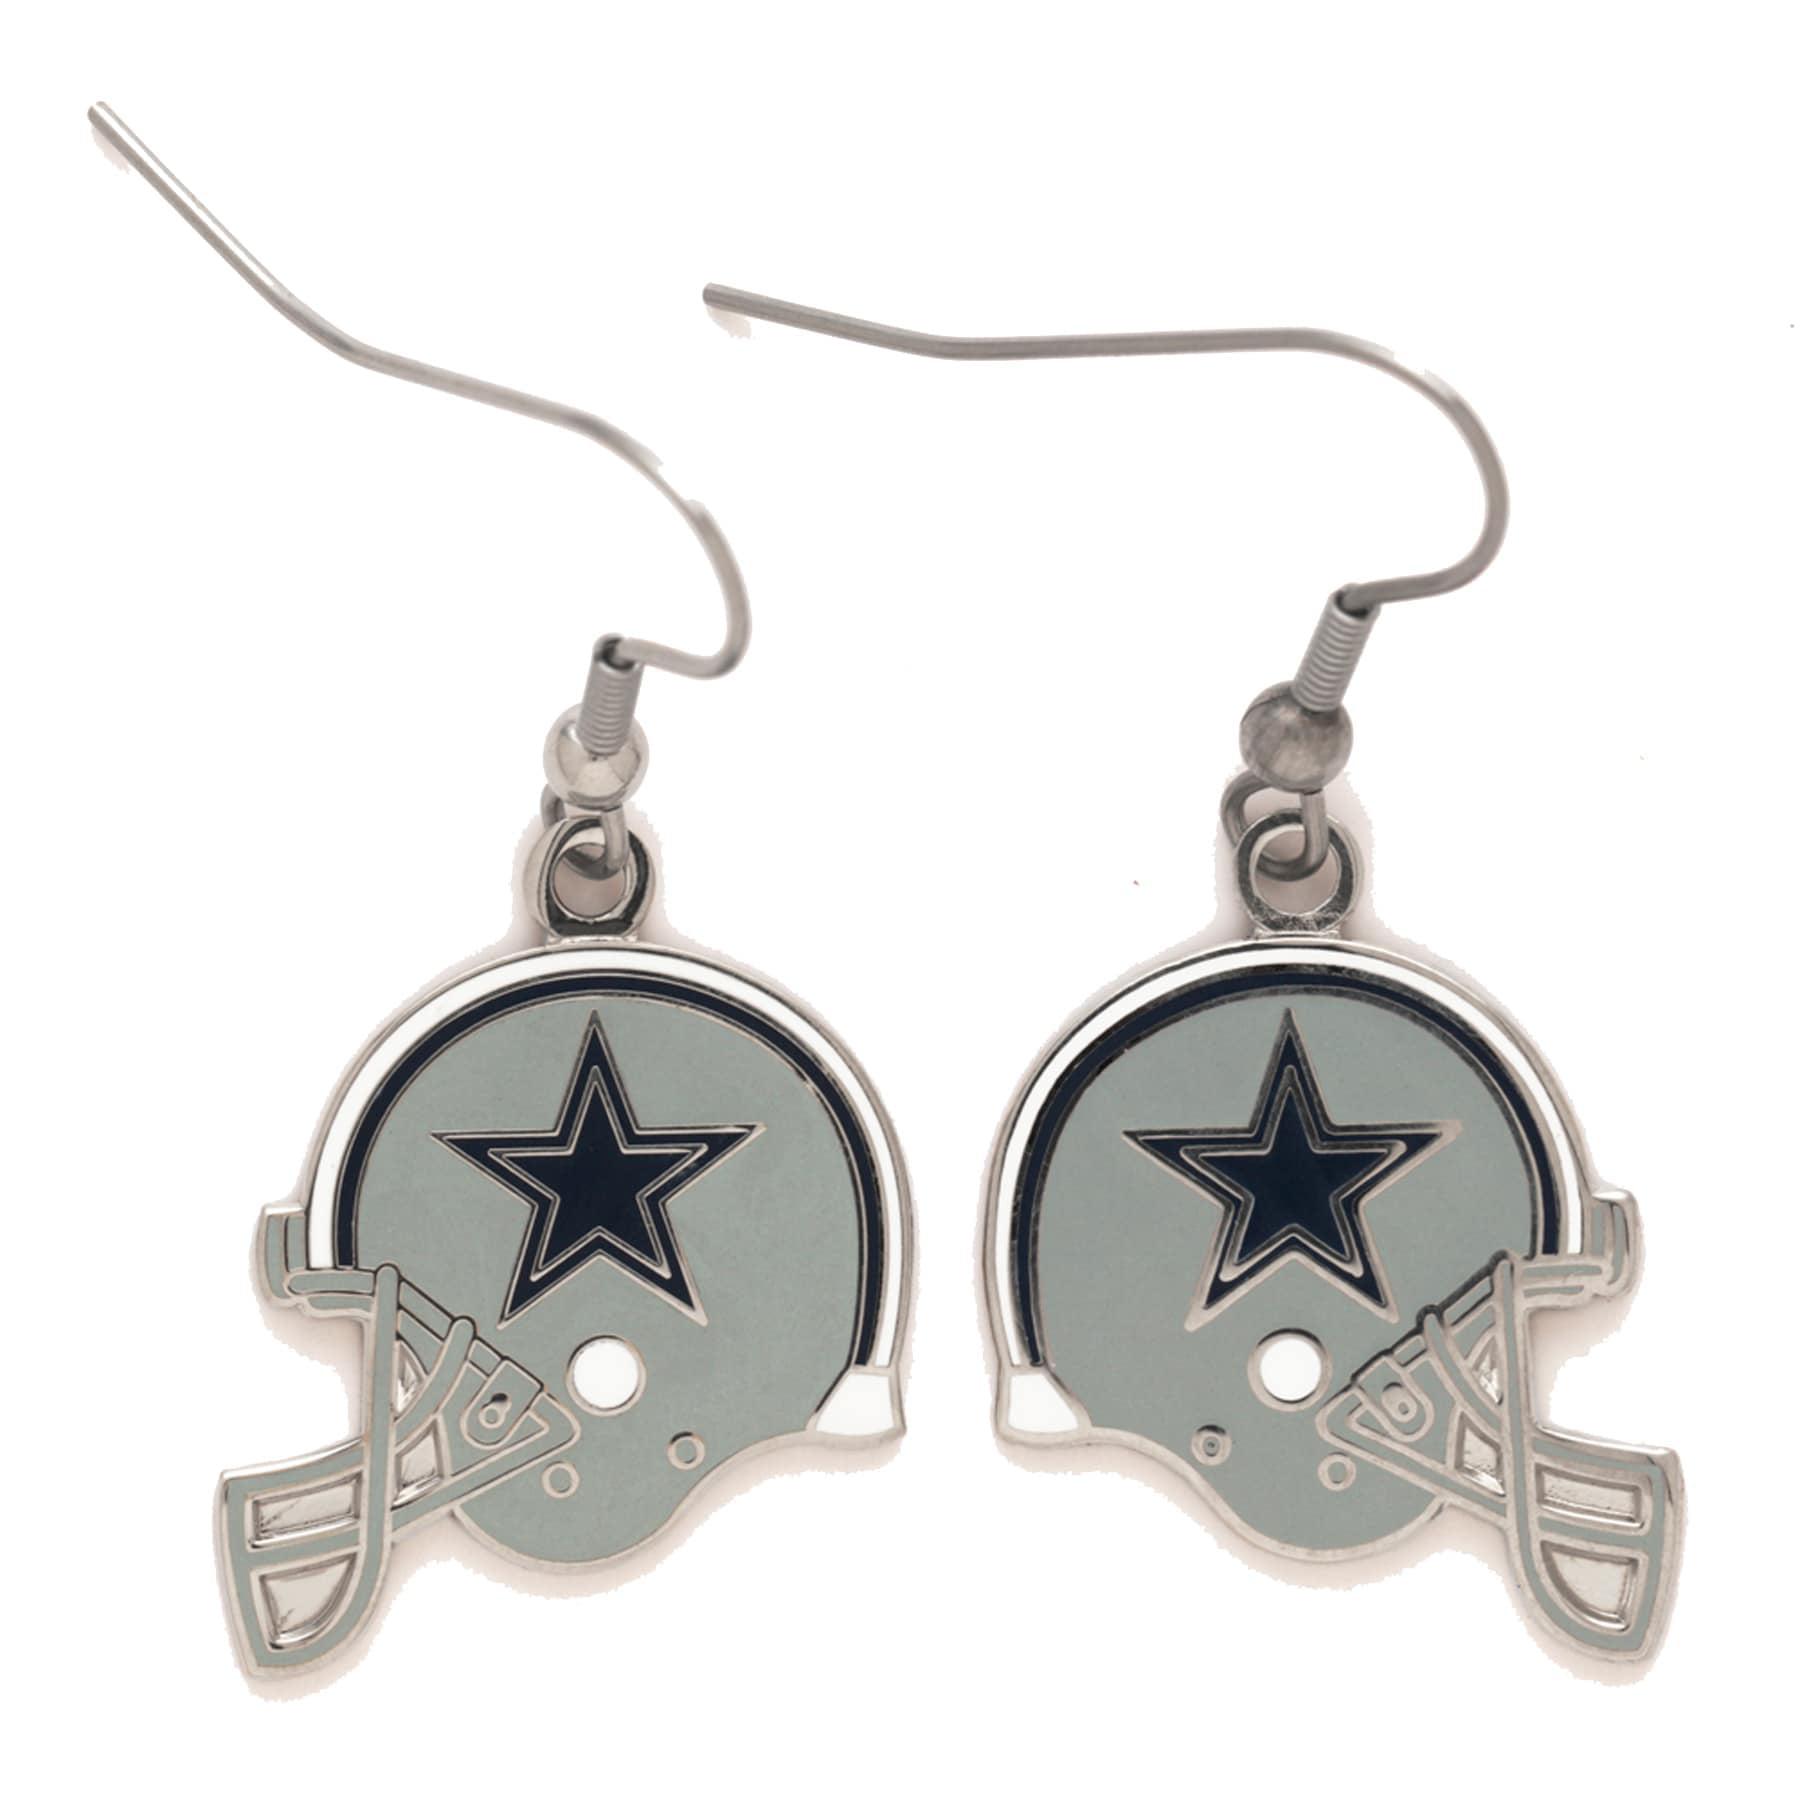 Dallas Cowboys Helmet Earrings